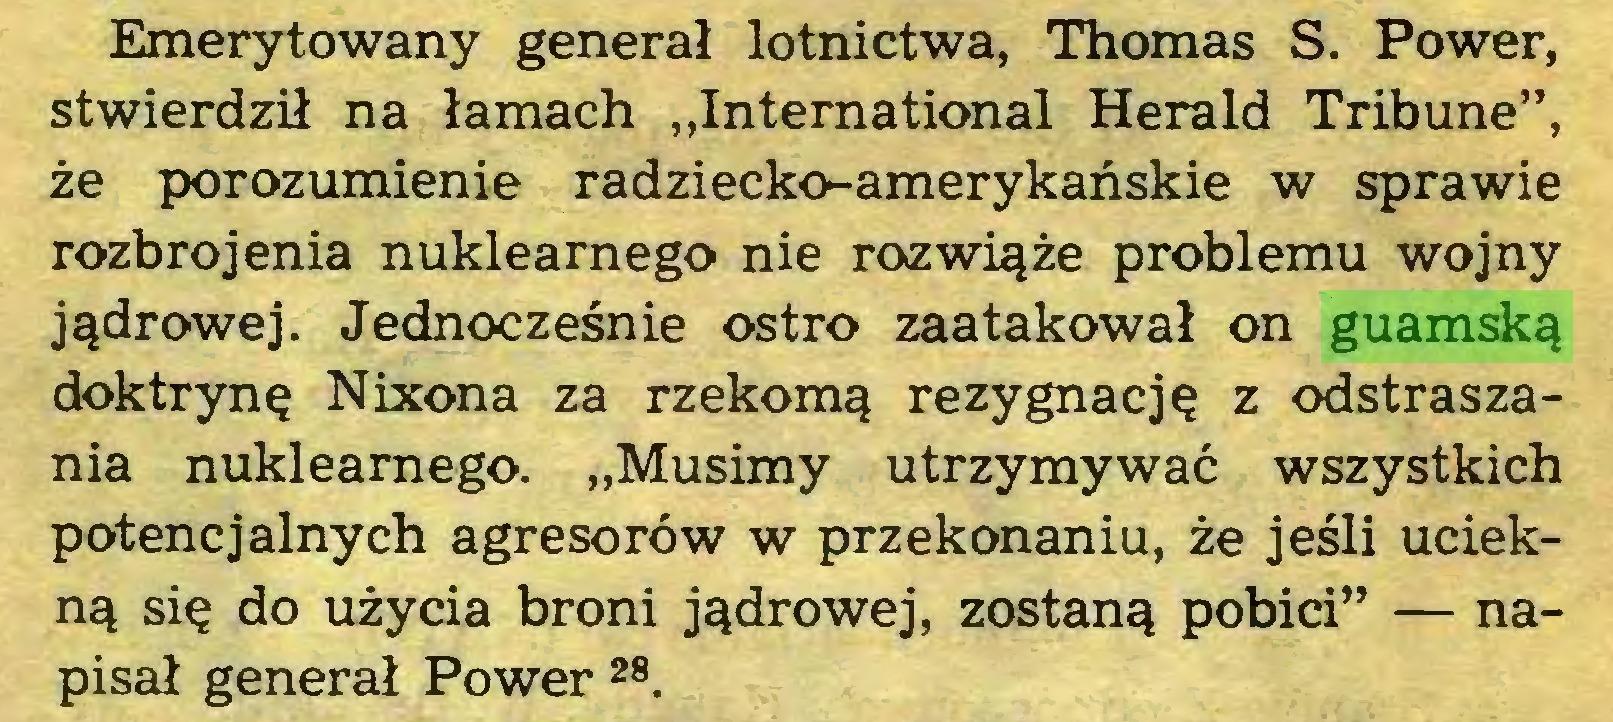 """(...) Emerytowany generał lotnictwa, Thomas S. Power, stwierdził na łamach """"International Herald Tribune"""", że porozumienie radziecko-amerykańskie w sprawie rozbrojenia nuklearnego nie rozwiąże problemu wojny jądrowej. Jednocześnie ostro zaatakował on guamską doktrynę Nixona za rzekomą rezygnację z odstraszania nuklearnego. """"Musimy utrzymywać wszystkich potencjalnych agresorów w przekonaniu, że jeśli uciekną się do użycia broni jądrowej, zostaną pobici"""" — napisał generał Power 28 29..."""